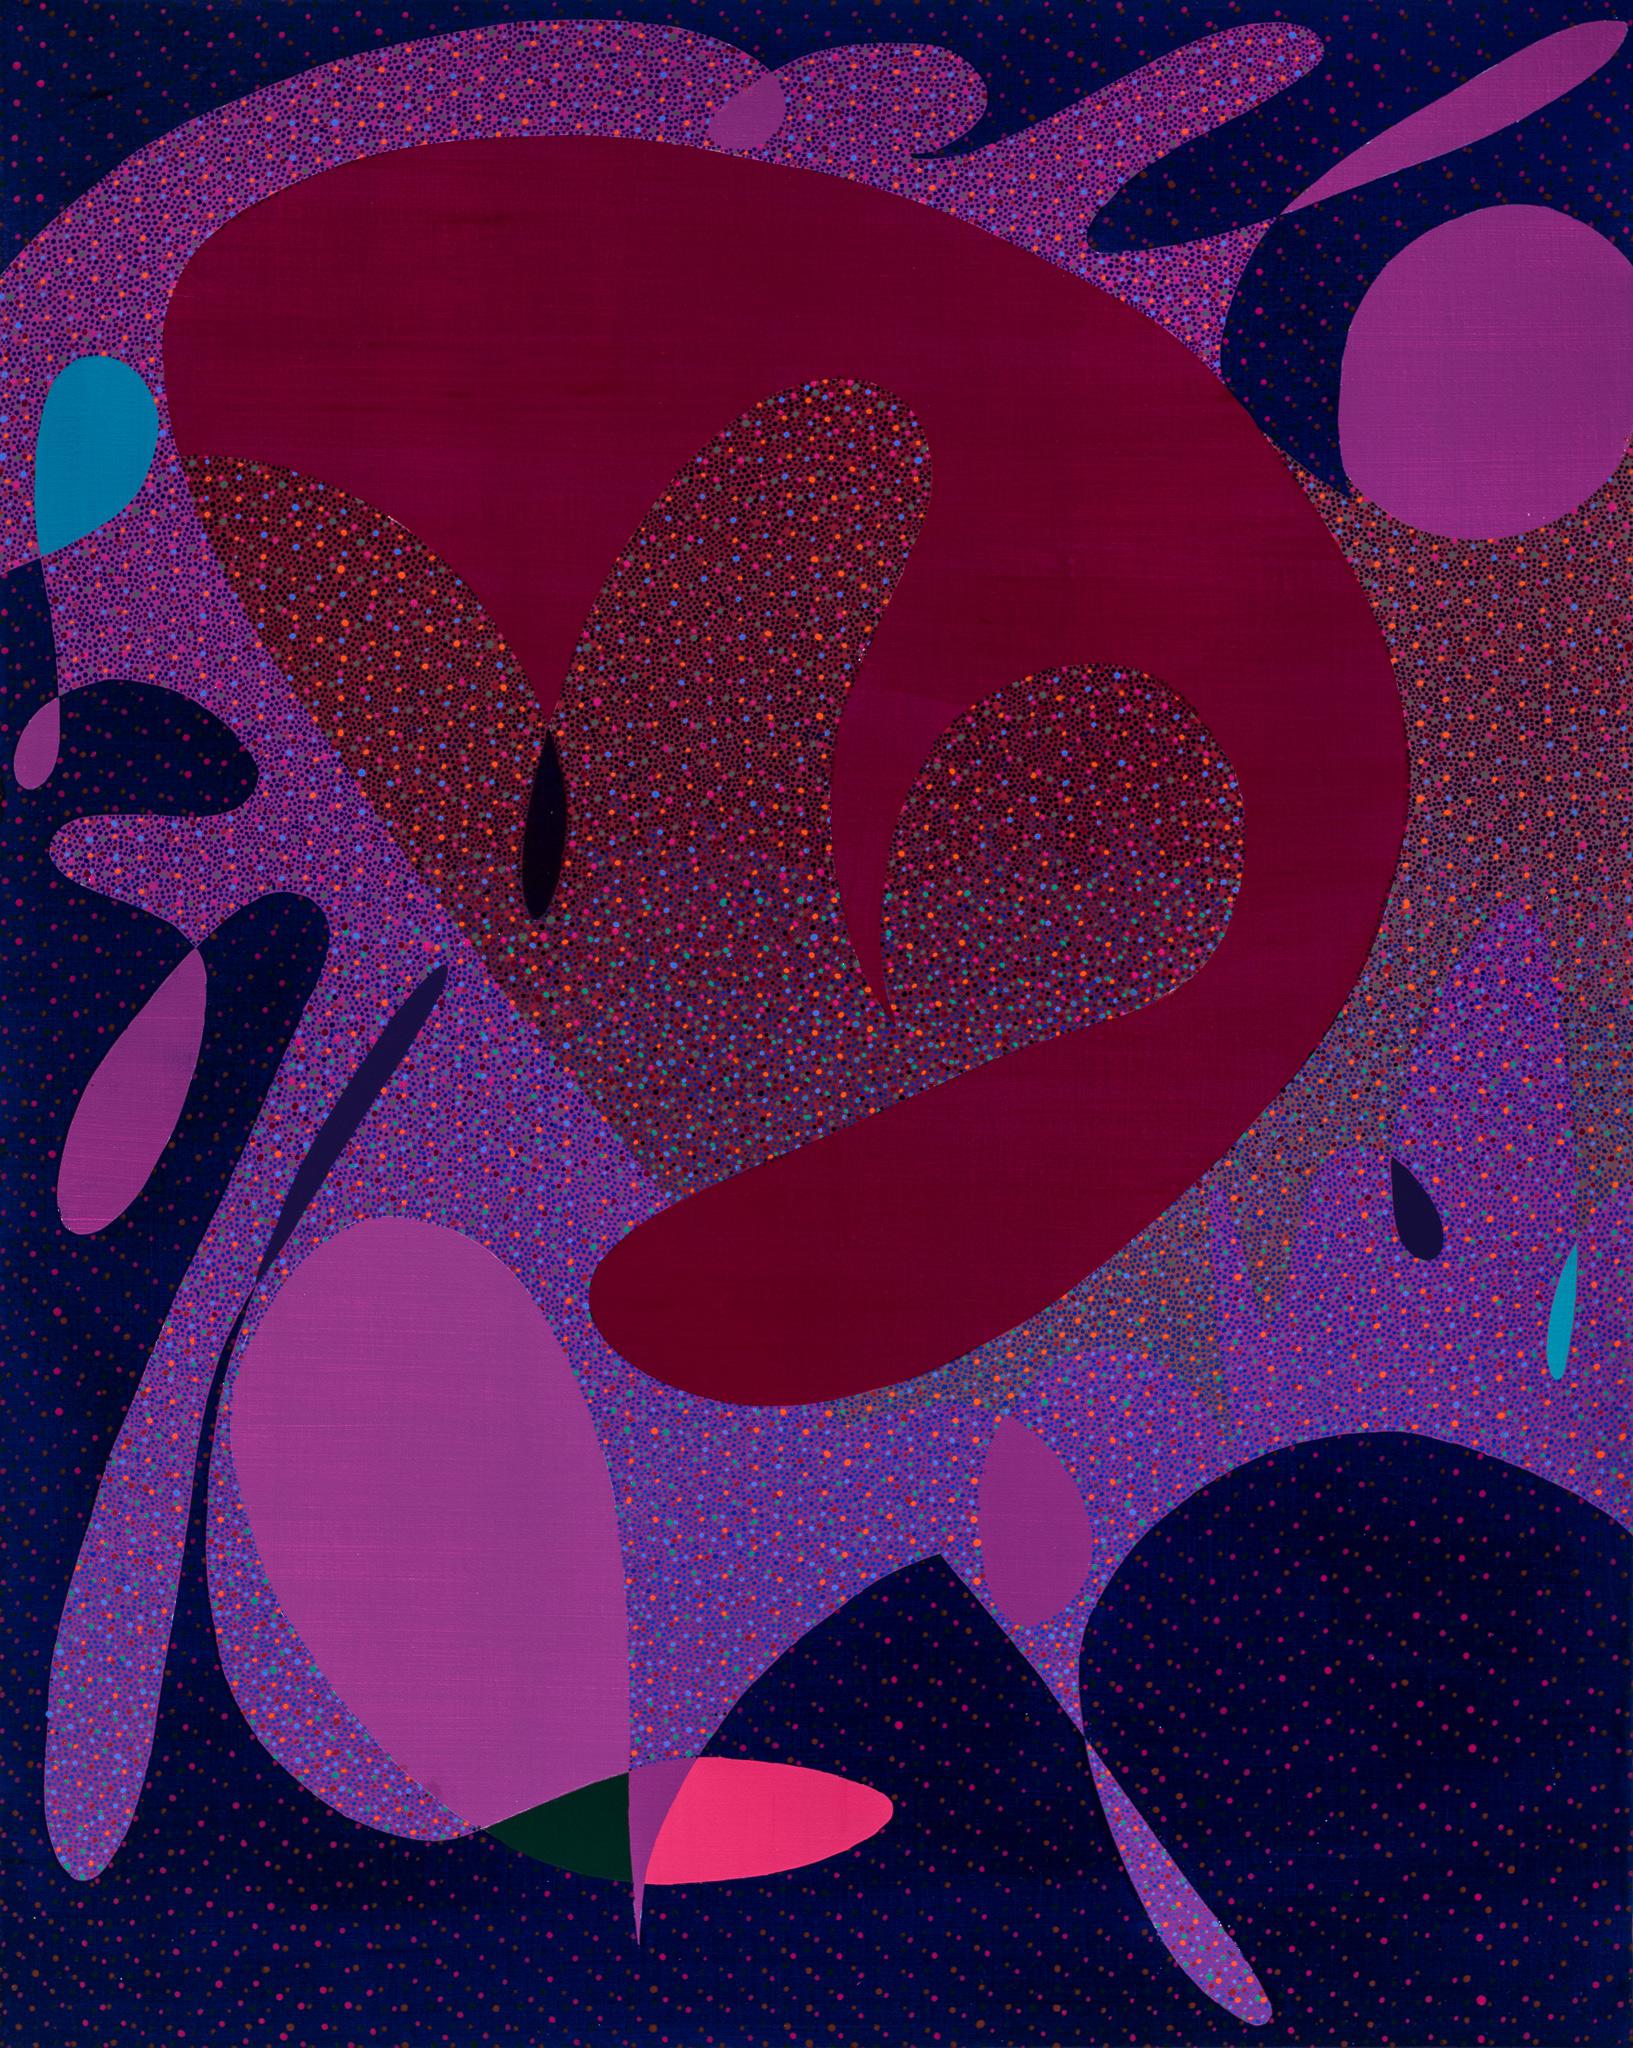 YOLO , 2018  Acrylic on Canvas  30h x 24w IN